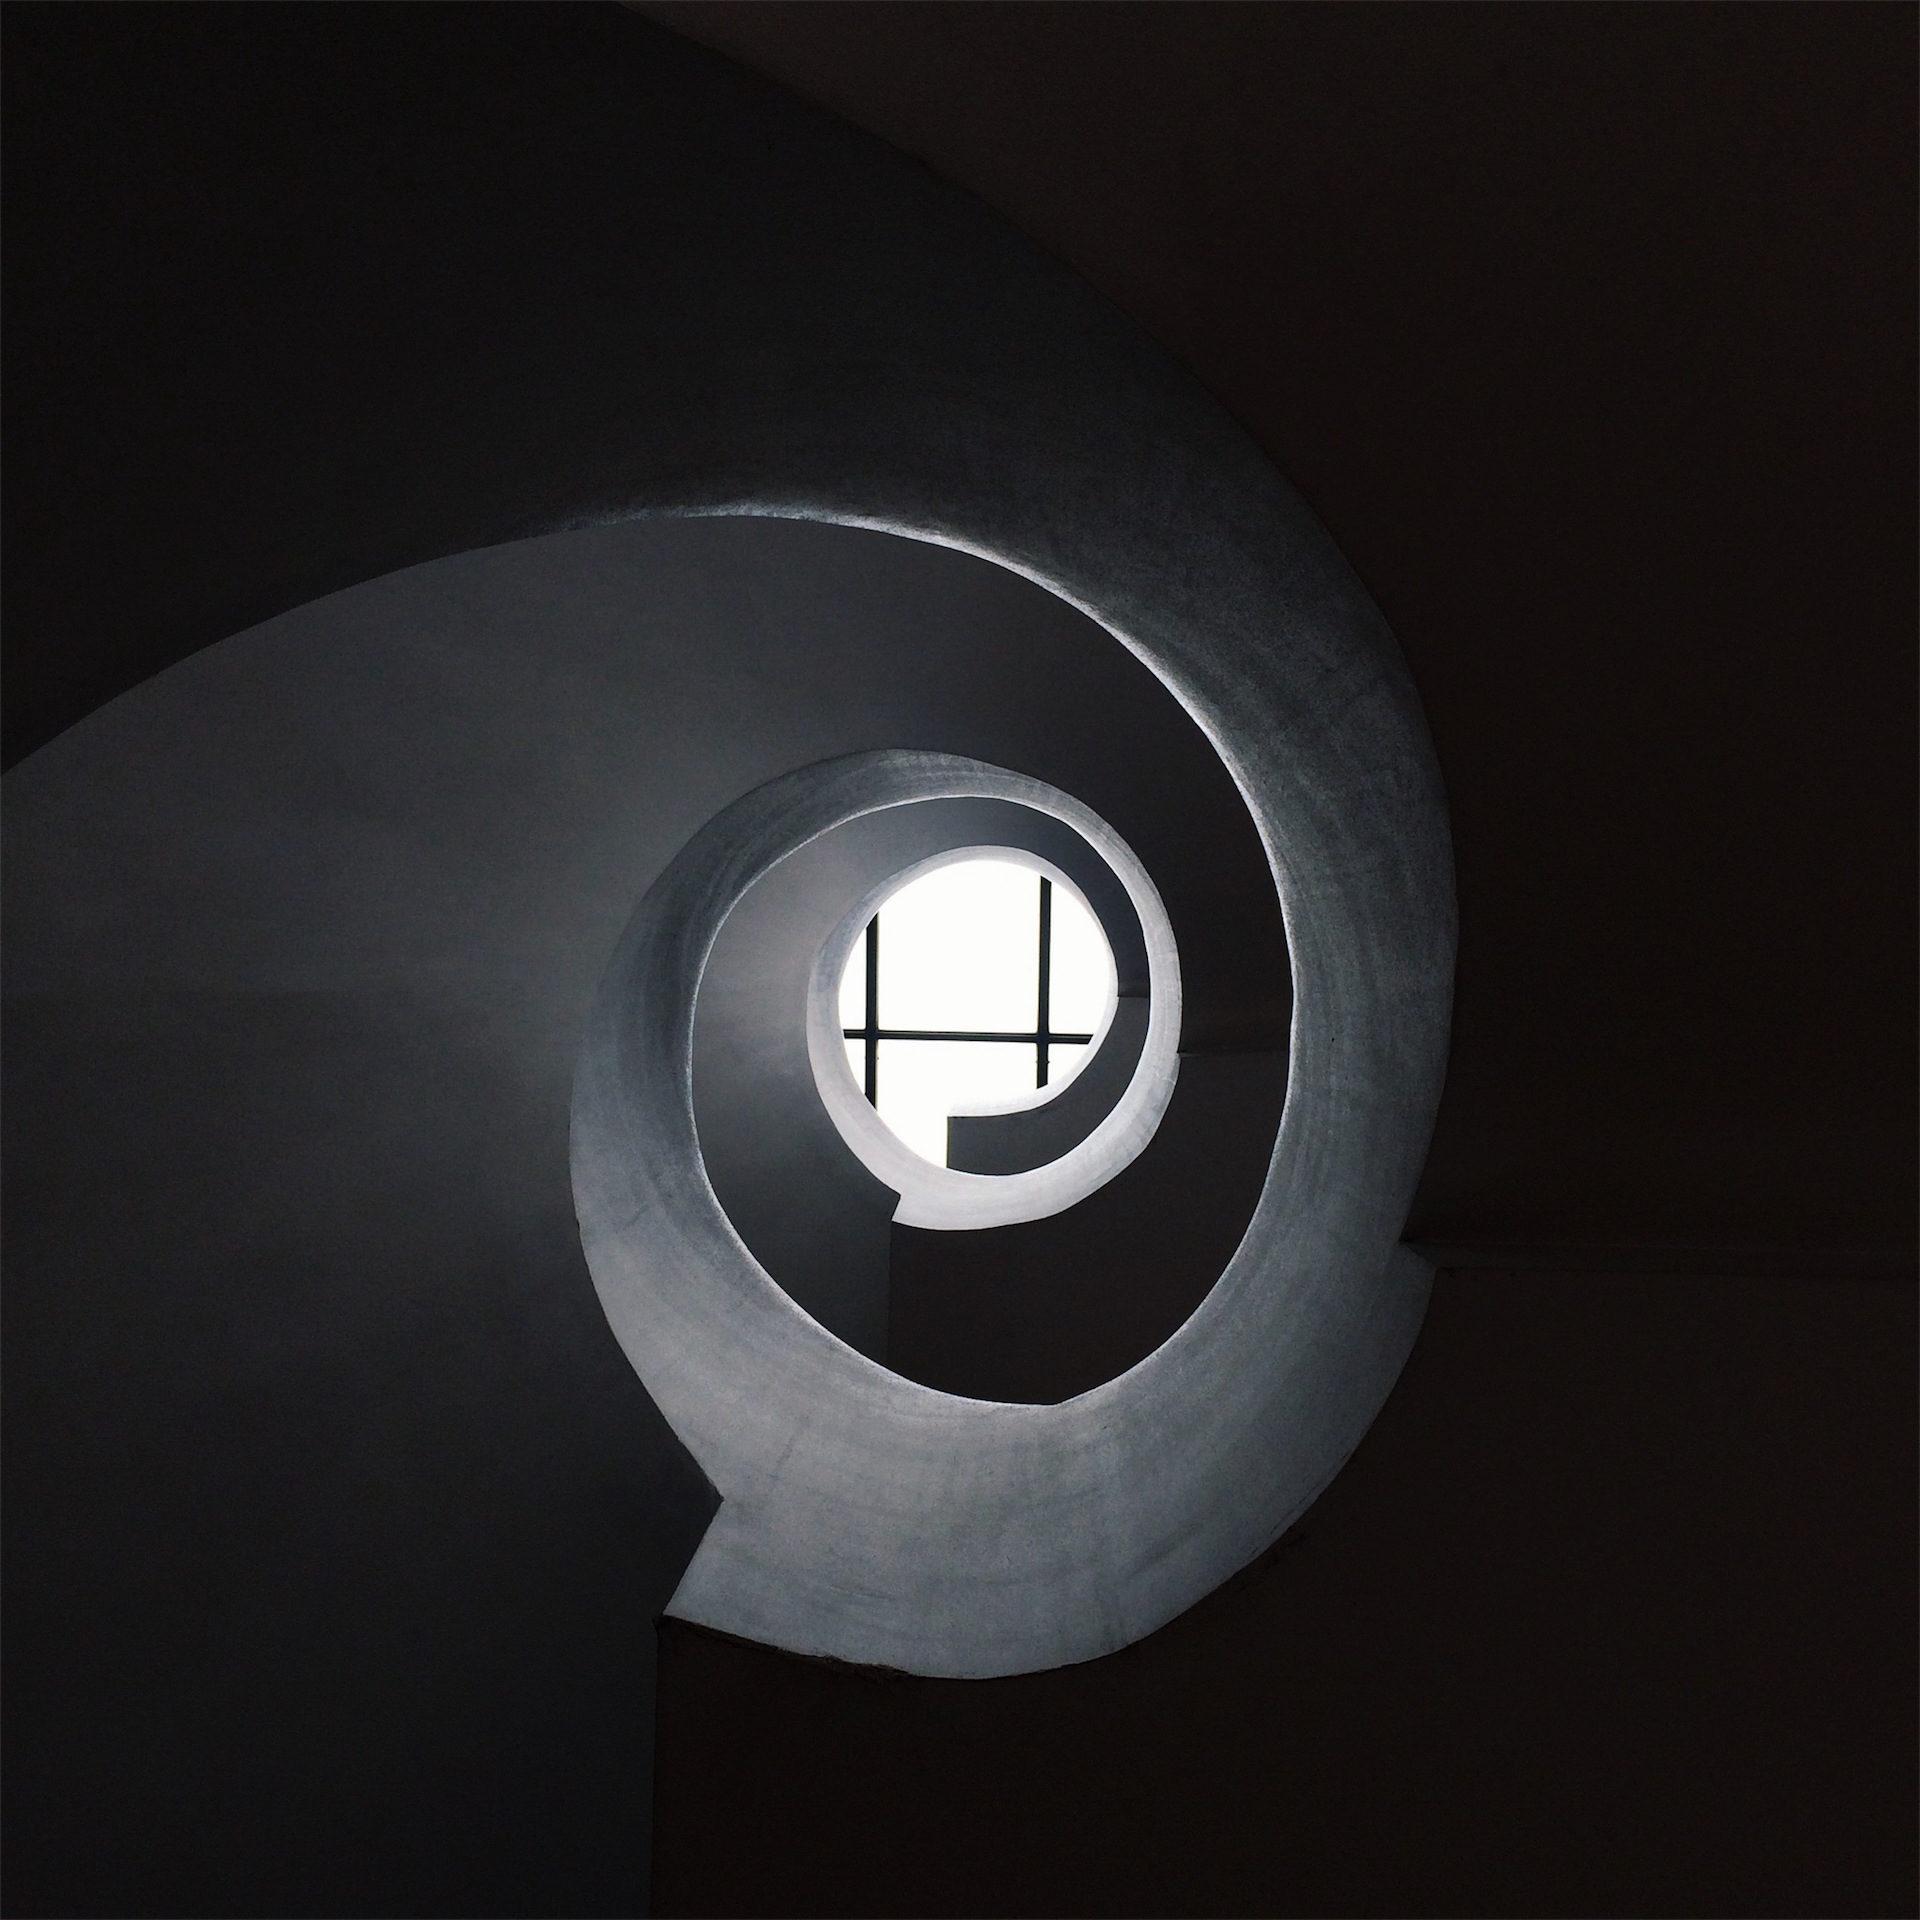 tunel, luz, oscuridad, rejas, pintura, 1609272043